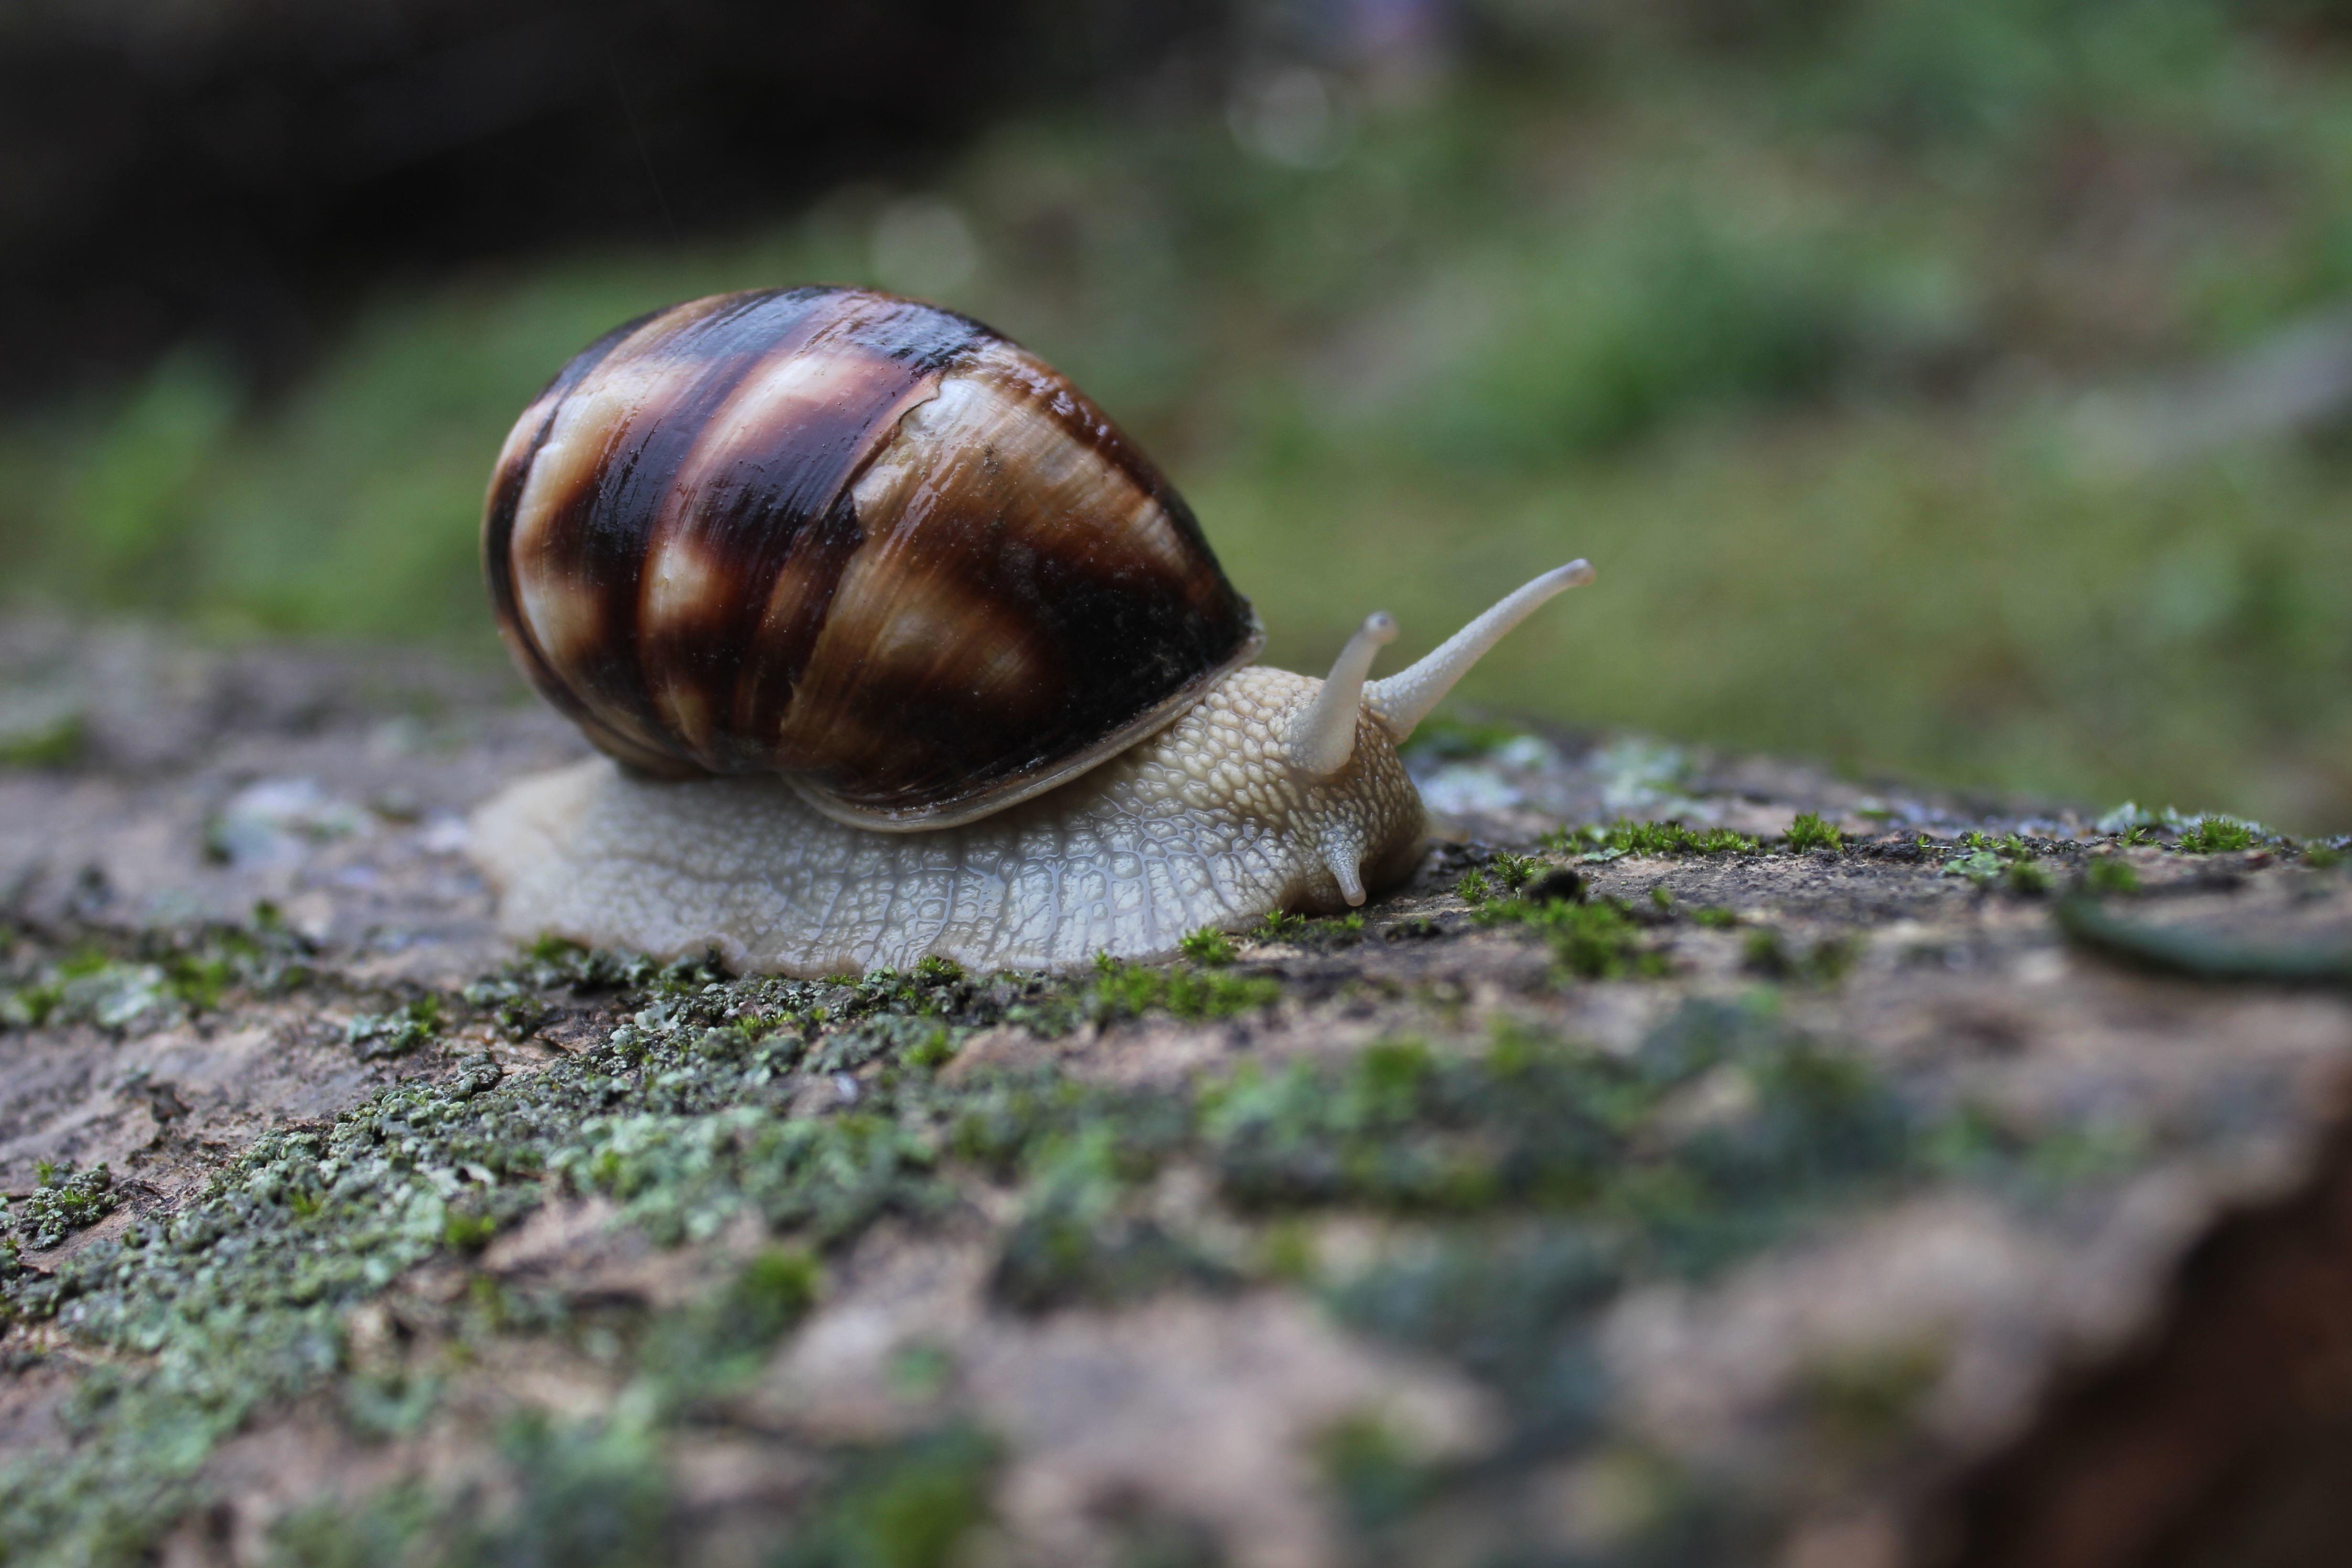 Imagen gratis caracol de jard n moluscos invertebrados for Caracol de jardin